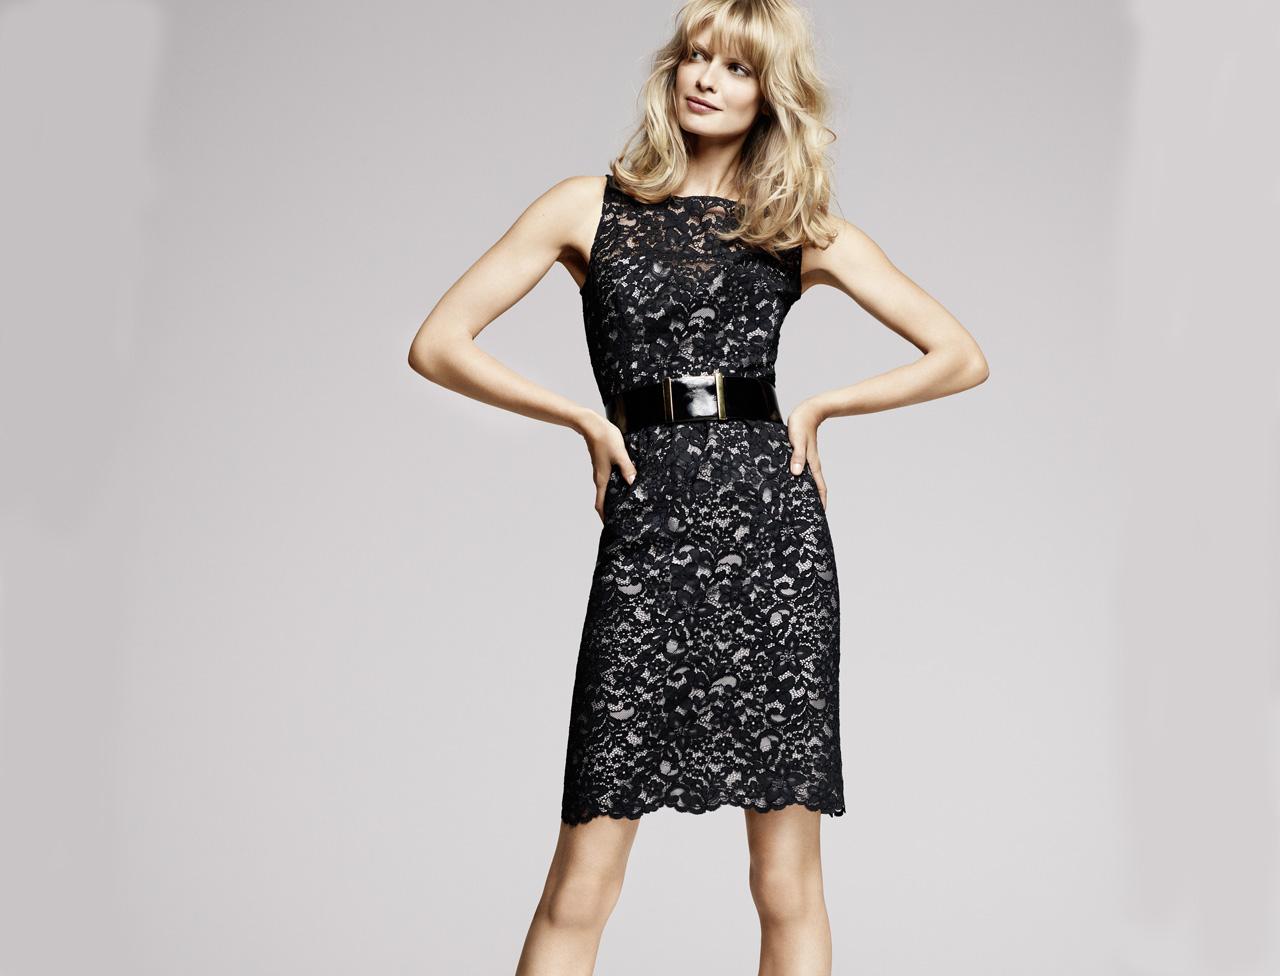 Платье для женщины 40 лет кружевное